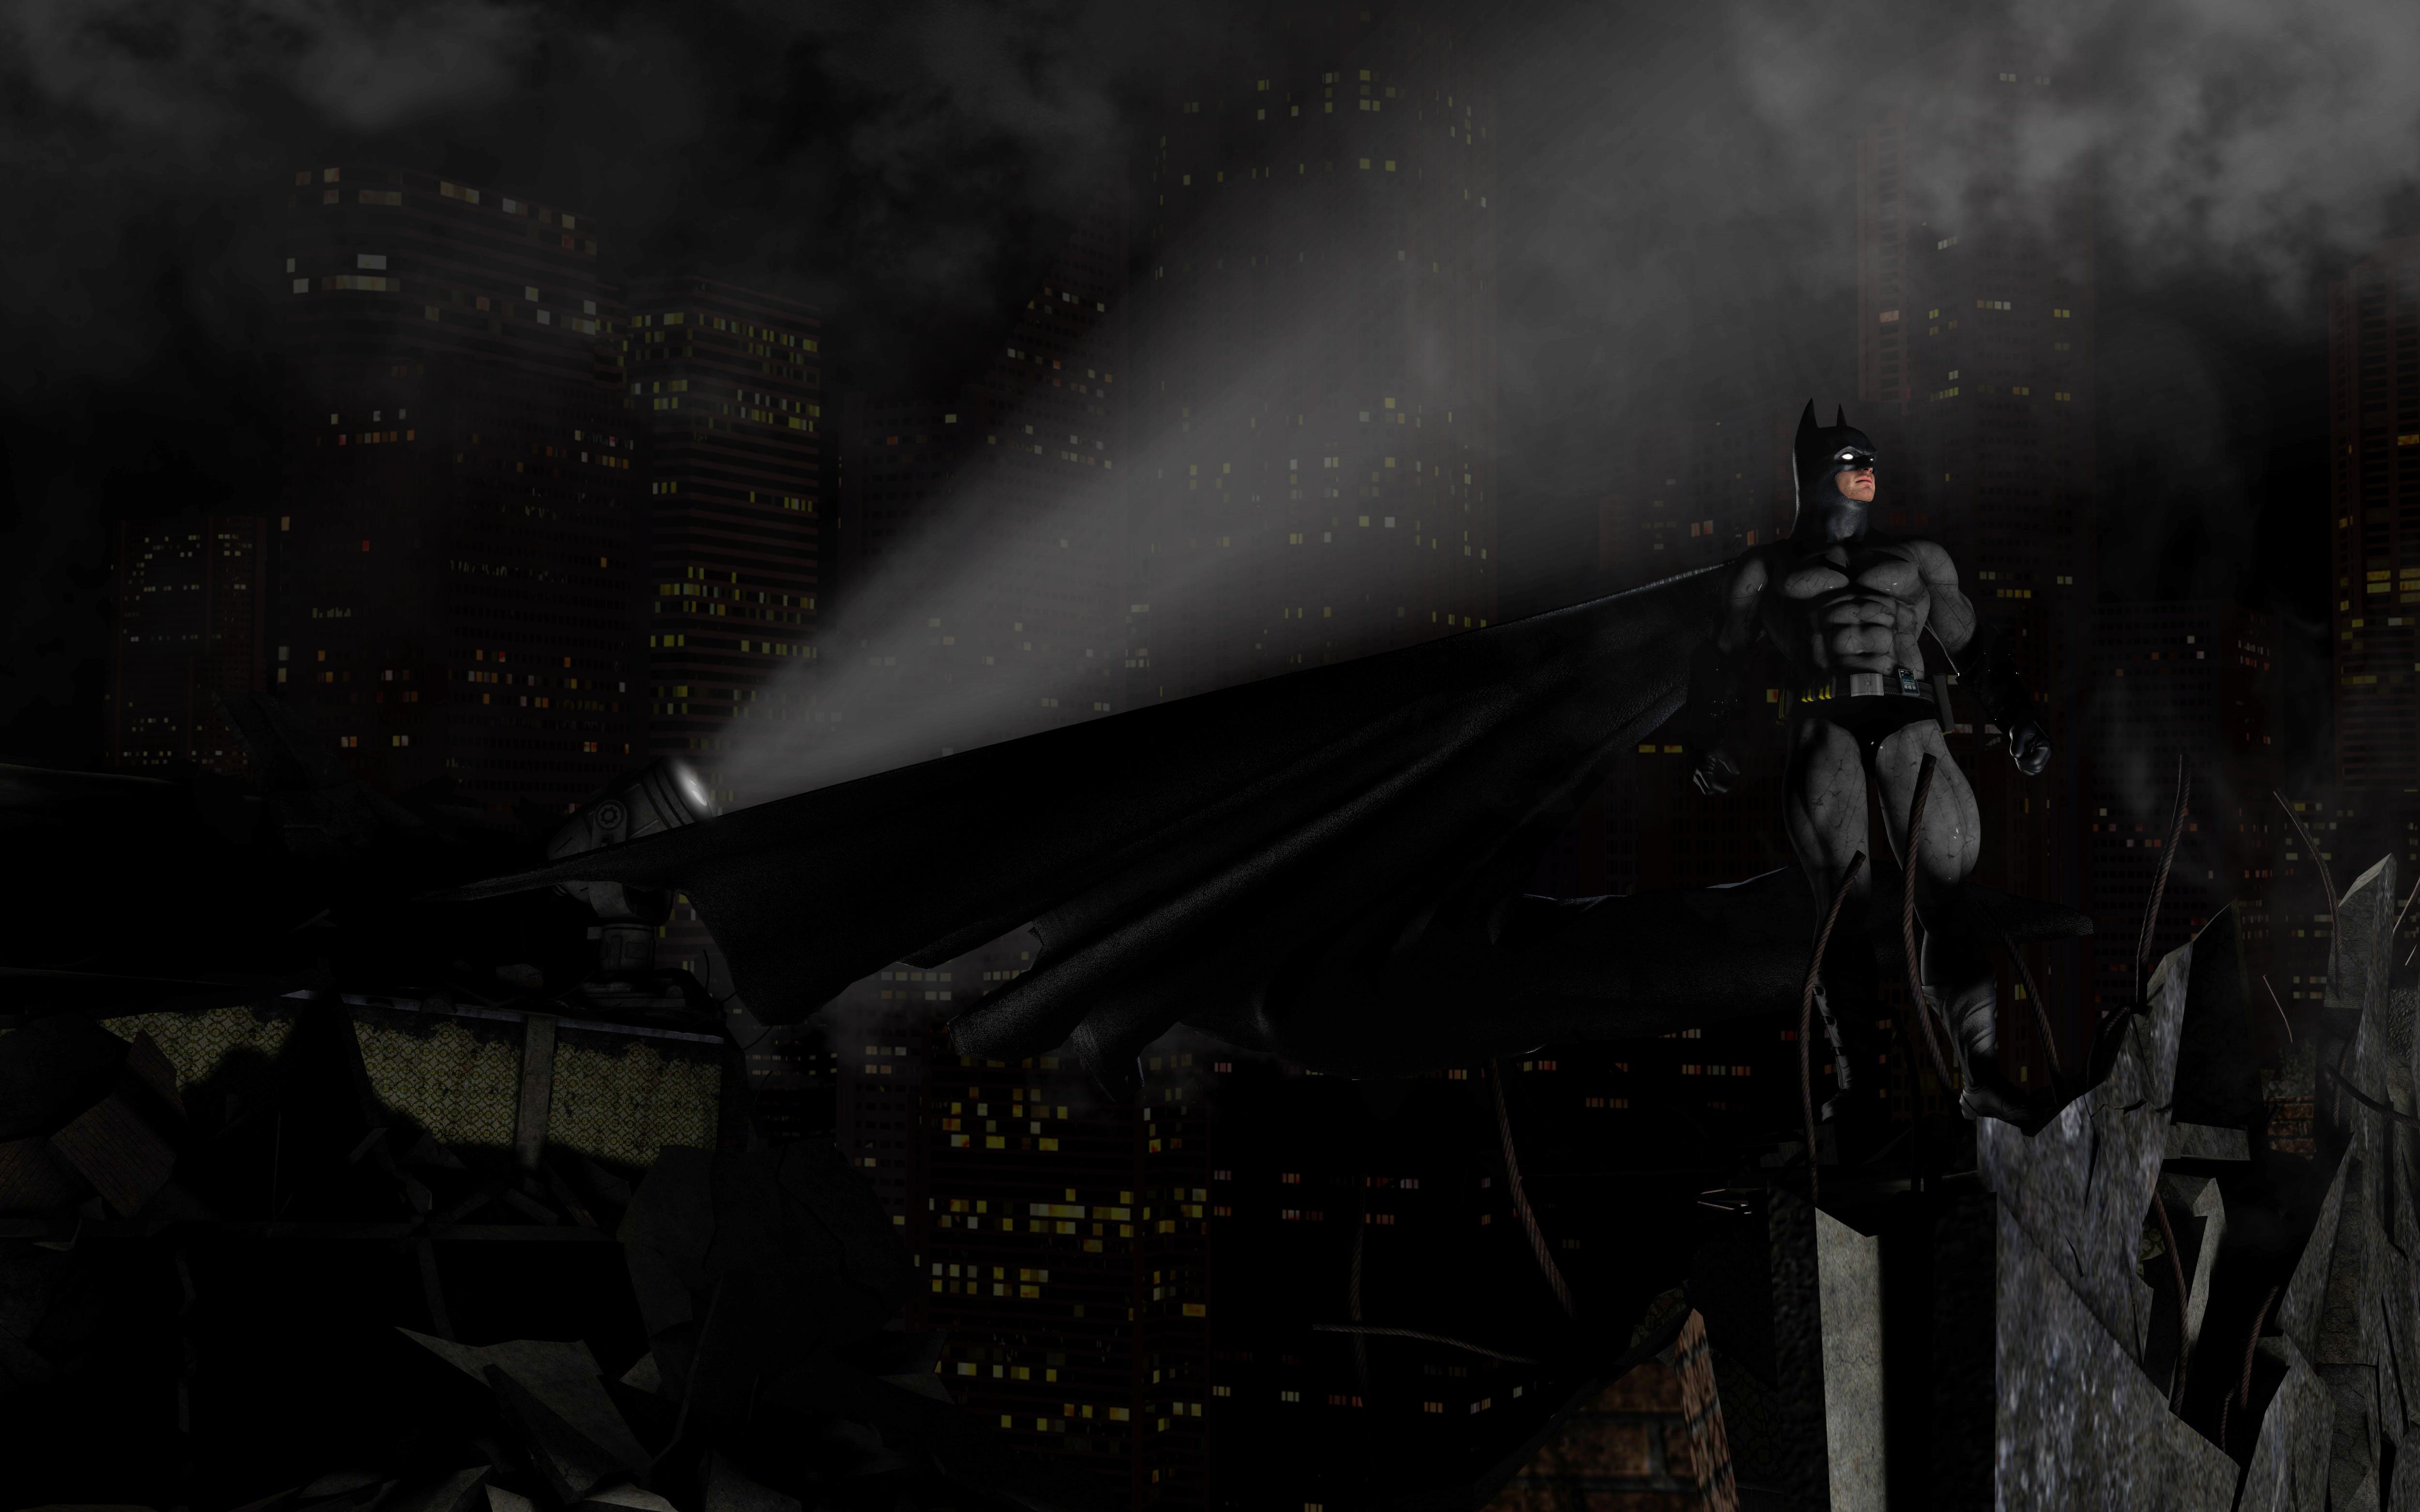 The Bat 20 By Zosco On Deviantart